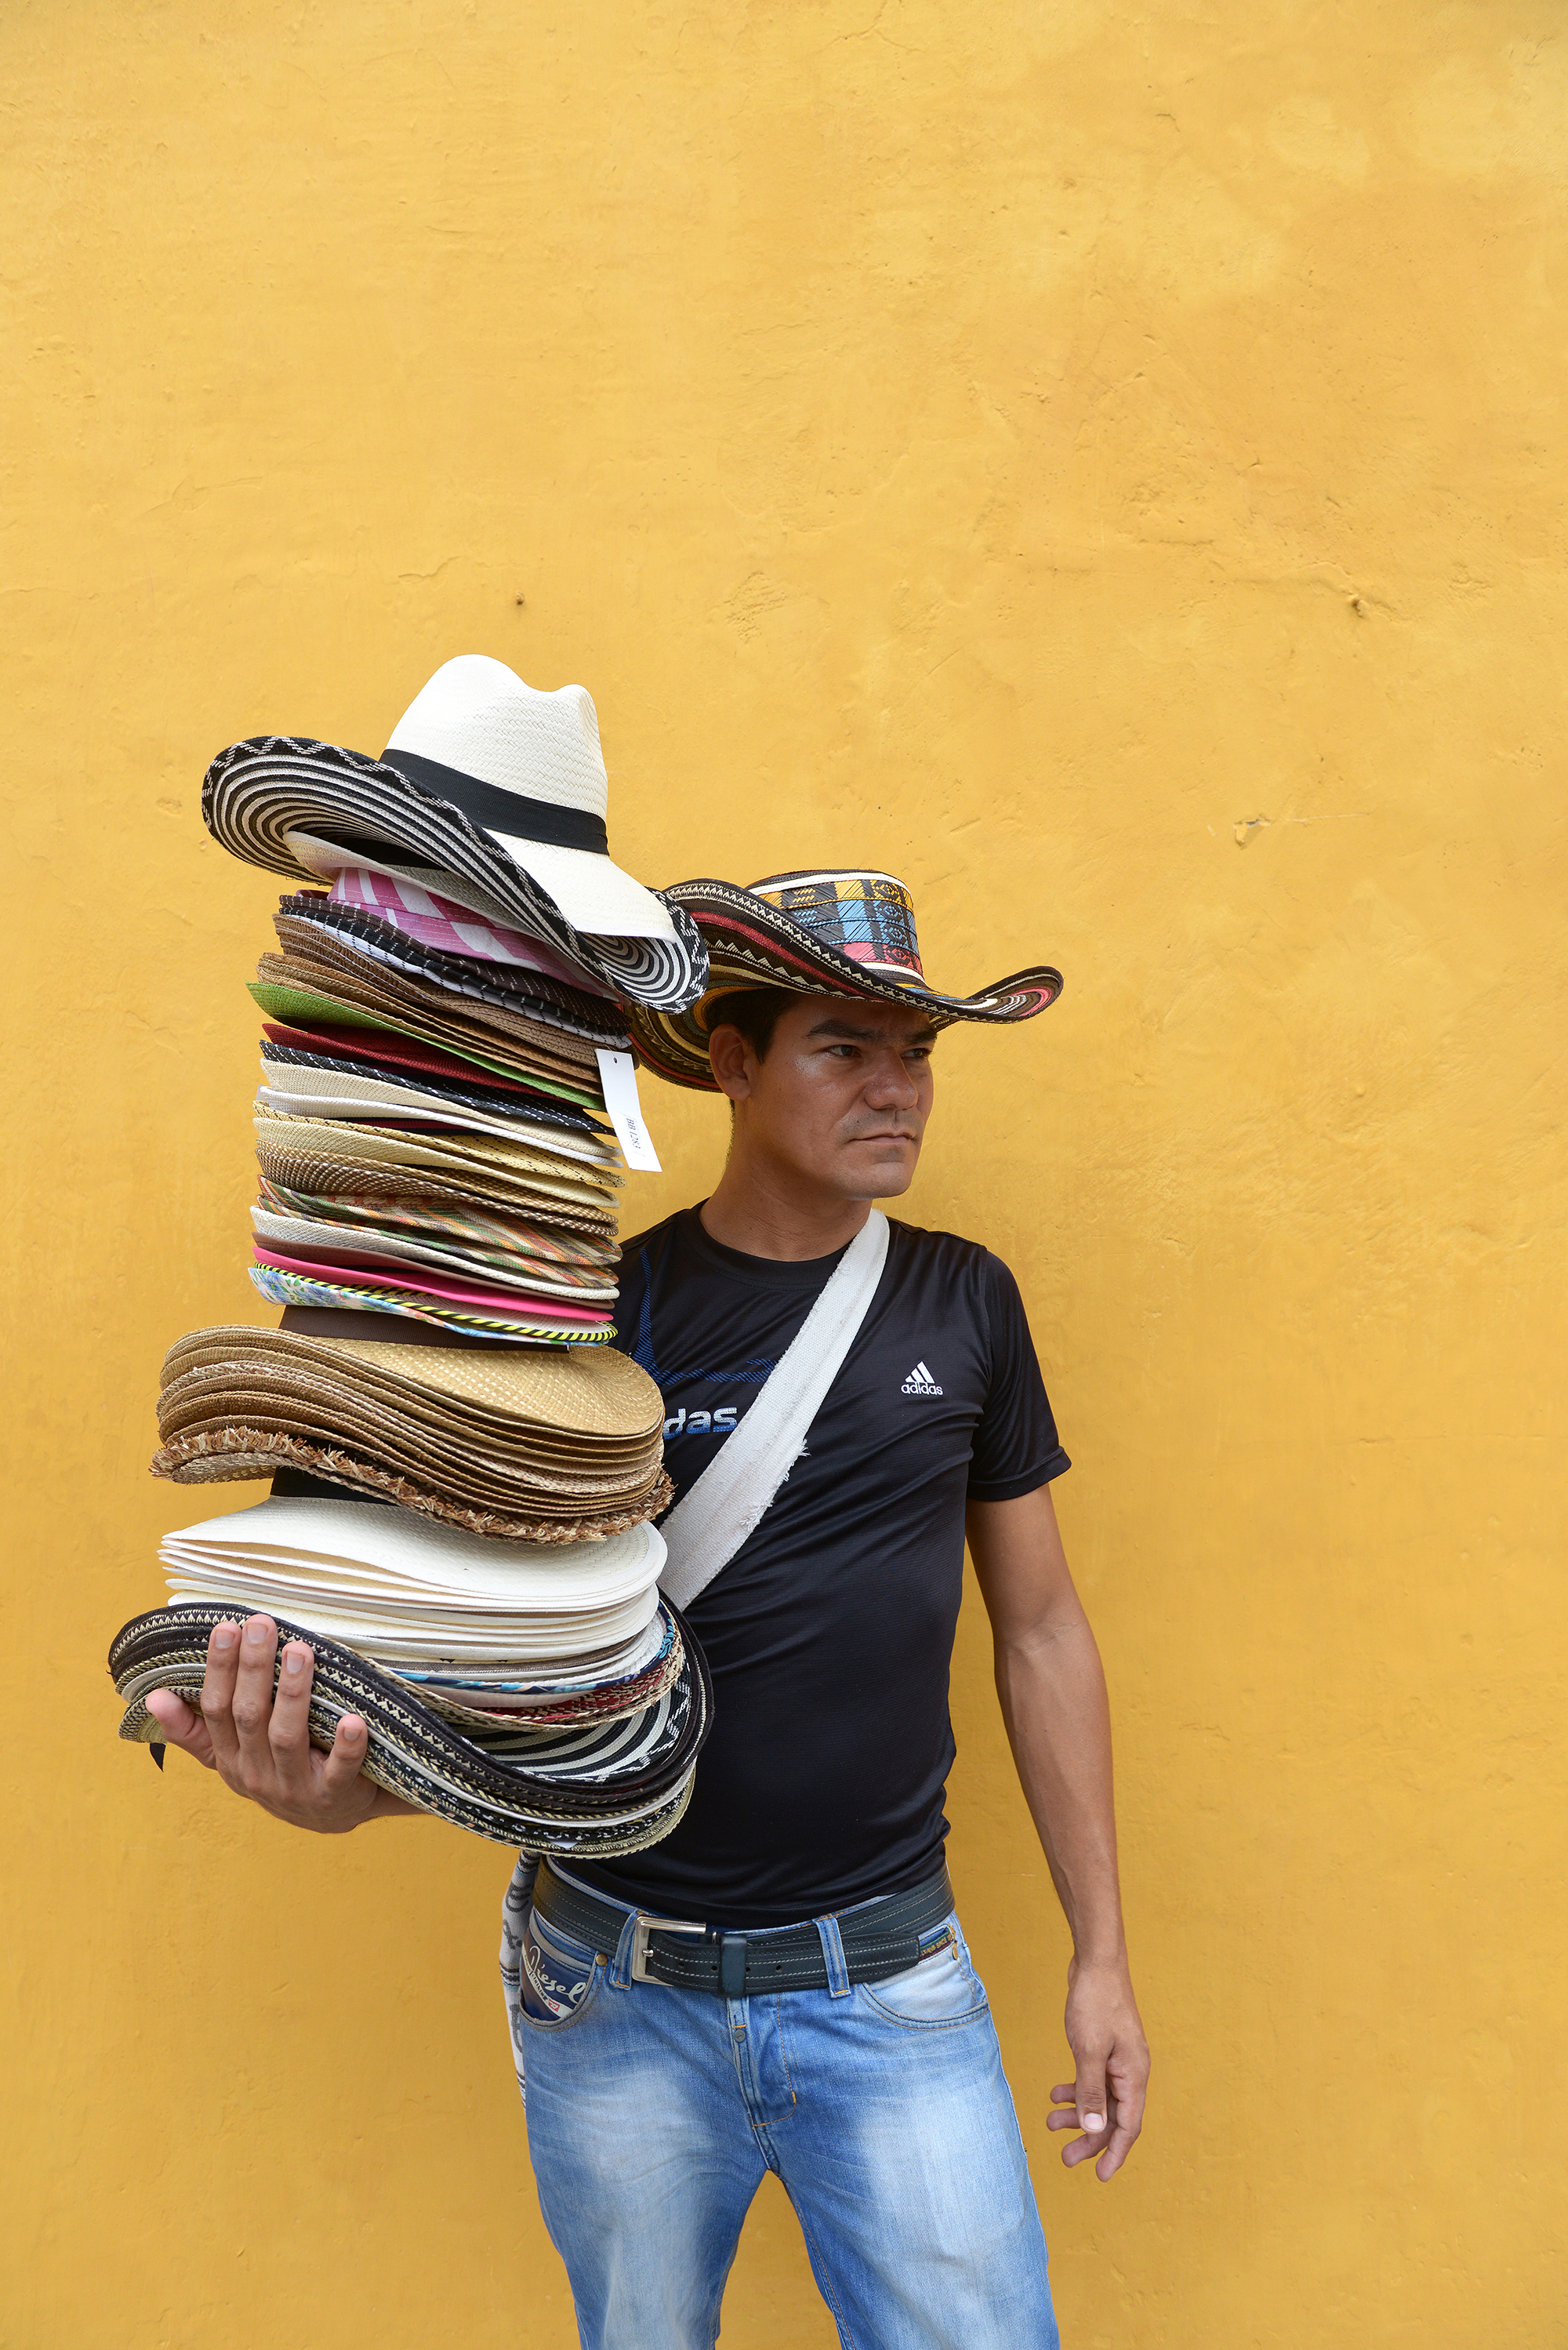 Cartagena, Kolumbia, Cartagena de Indias, hattukauppias